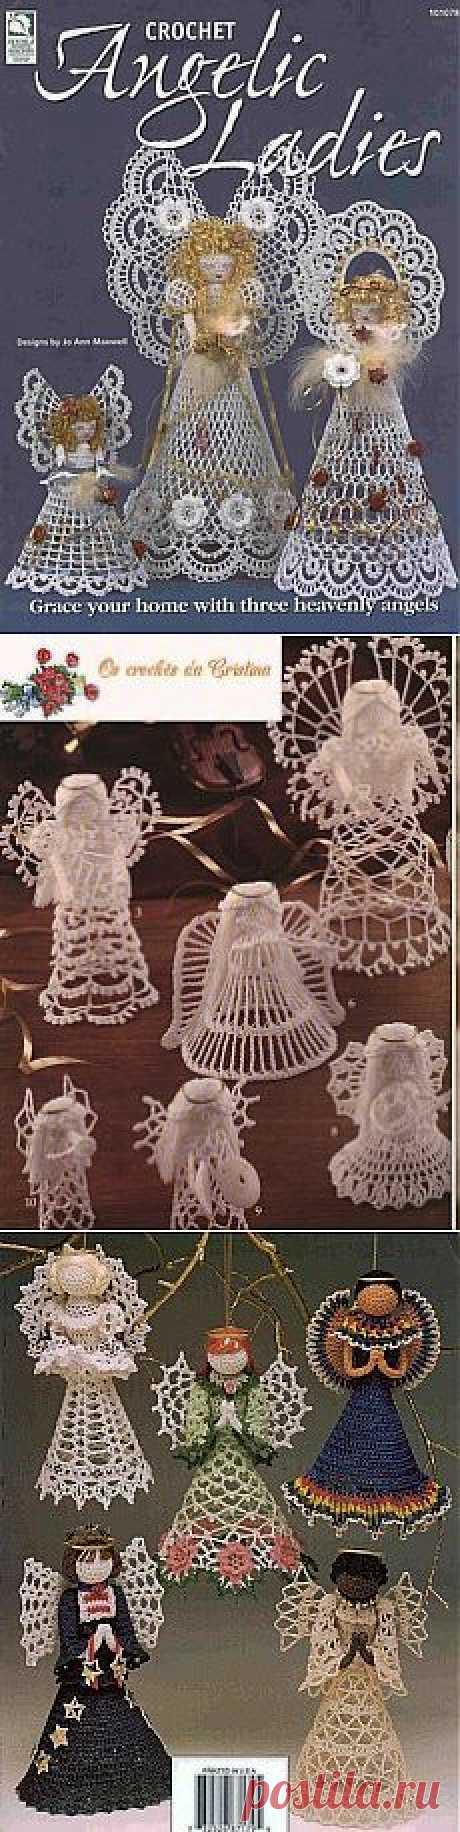 Вязаные крючком ангелочки. Crochet Angelic Ladies.